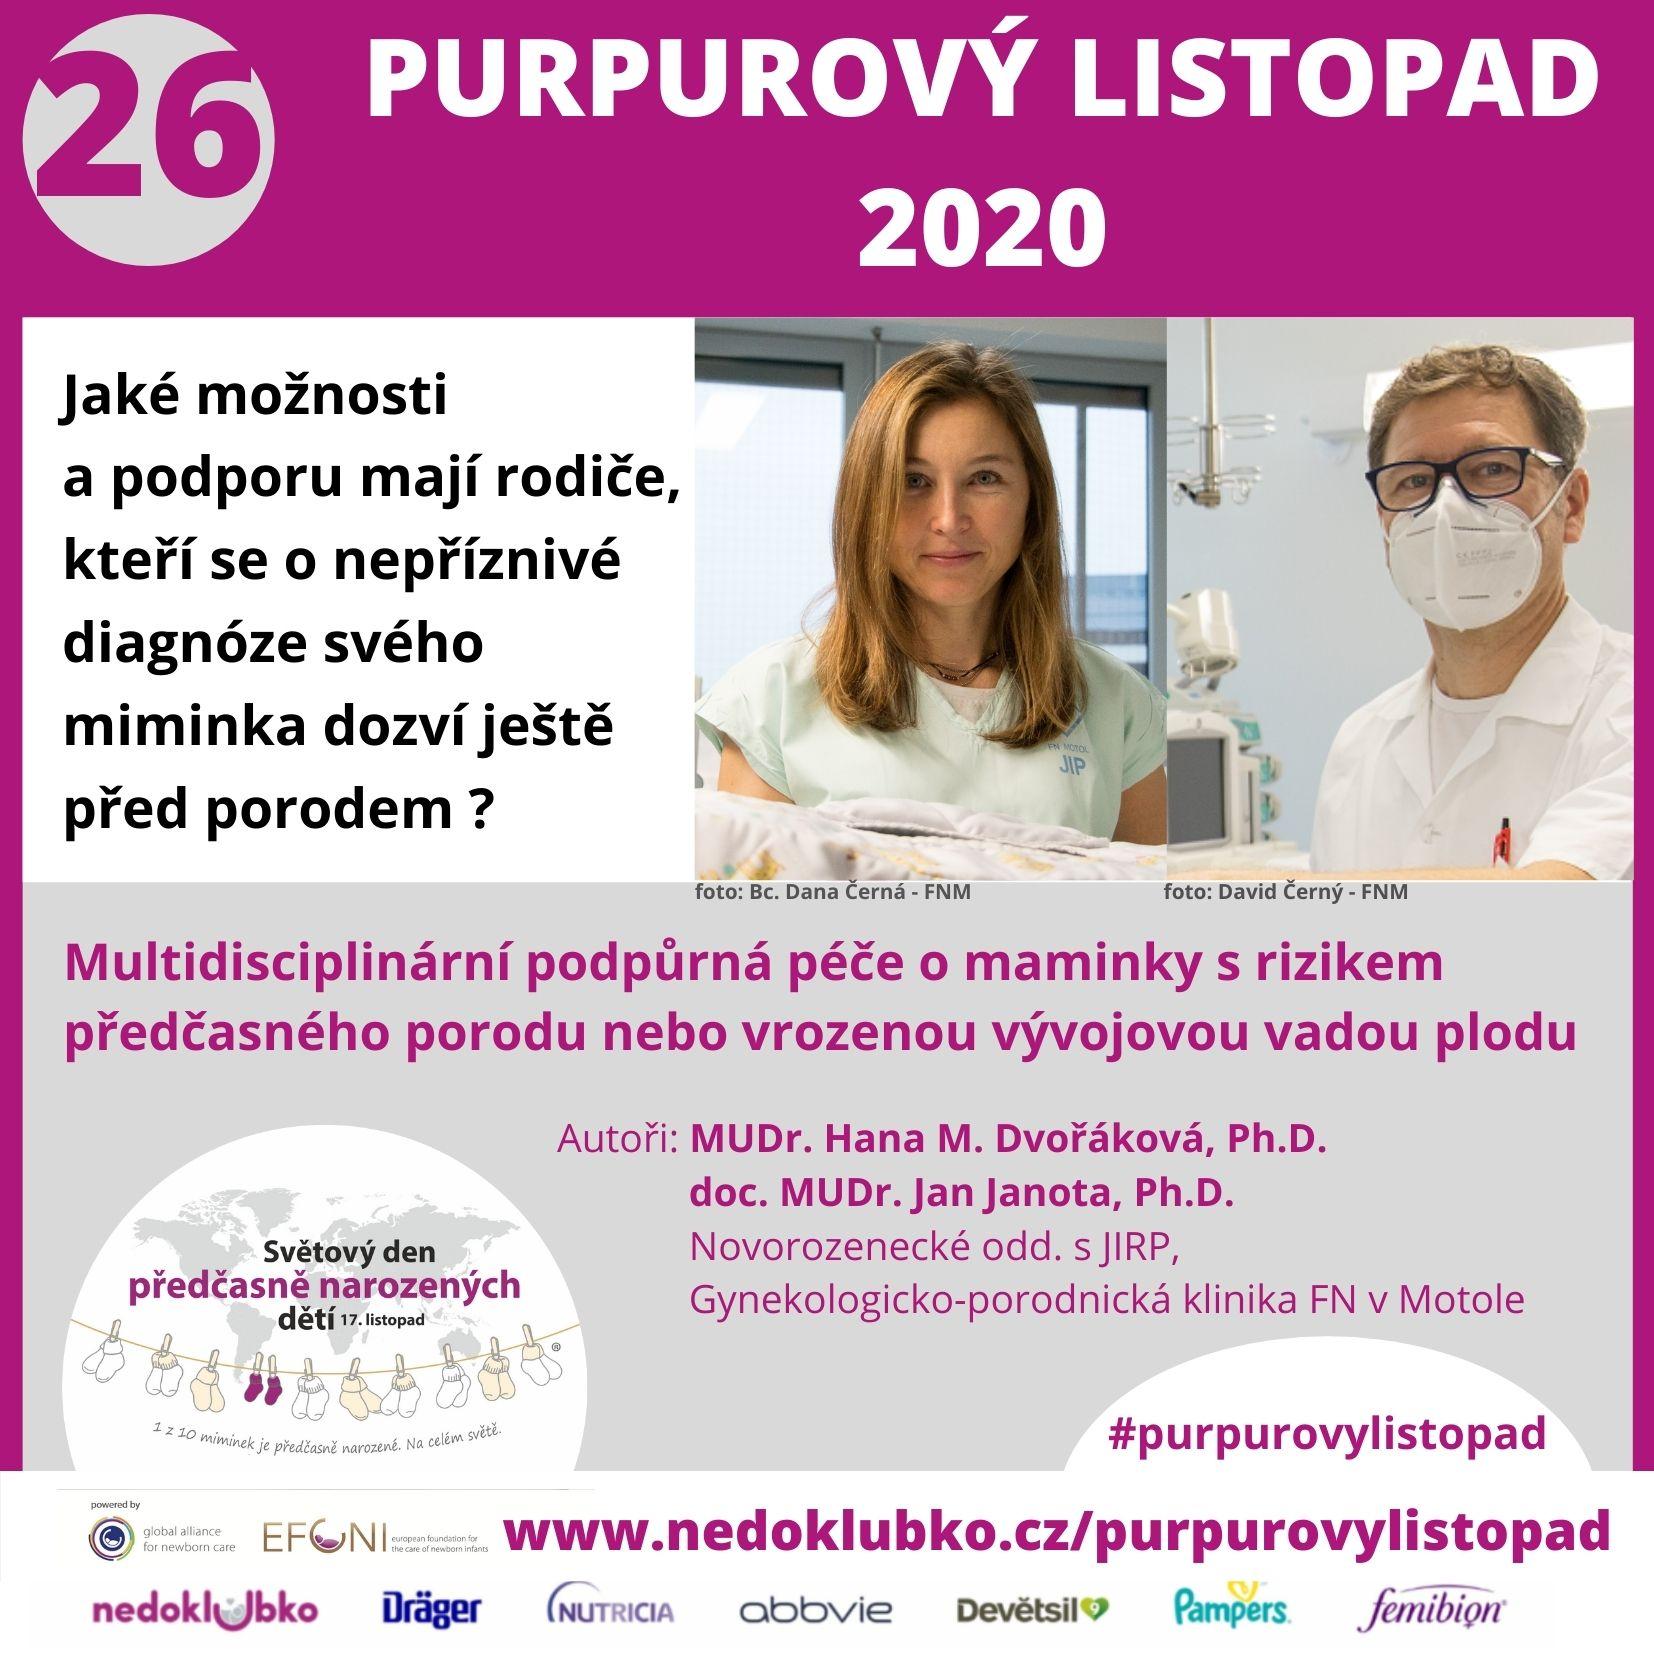 Kopie návrhu Purpurový listopad25 (6)